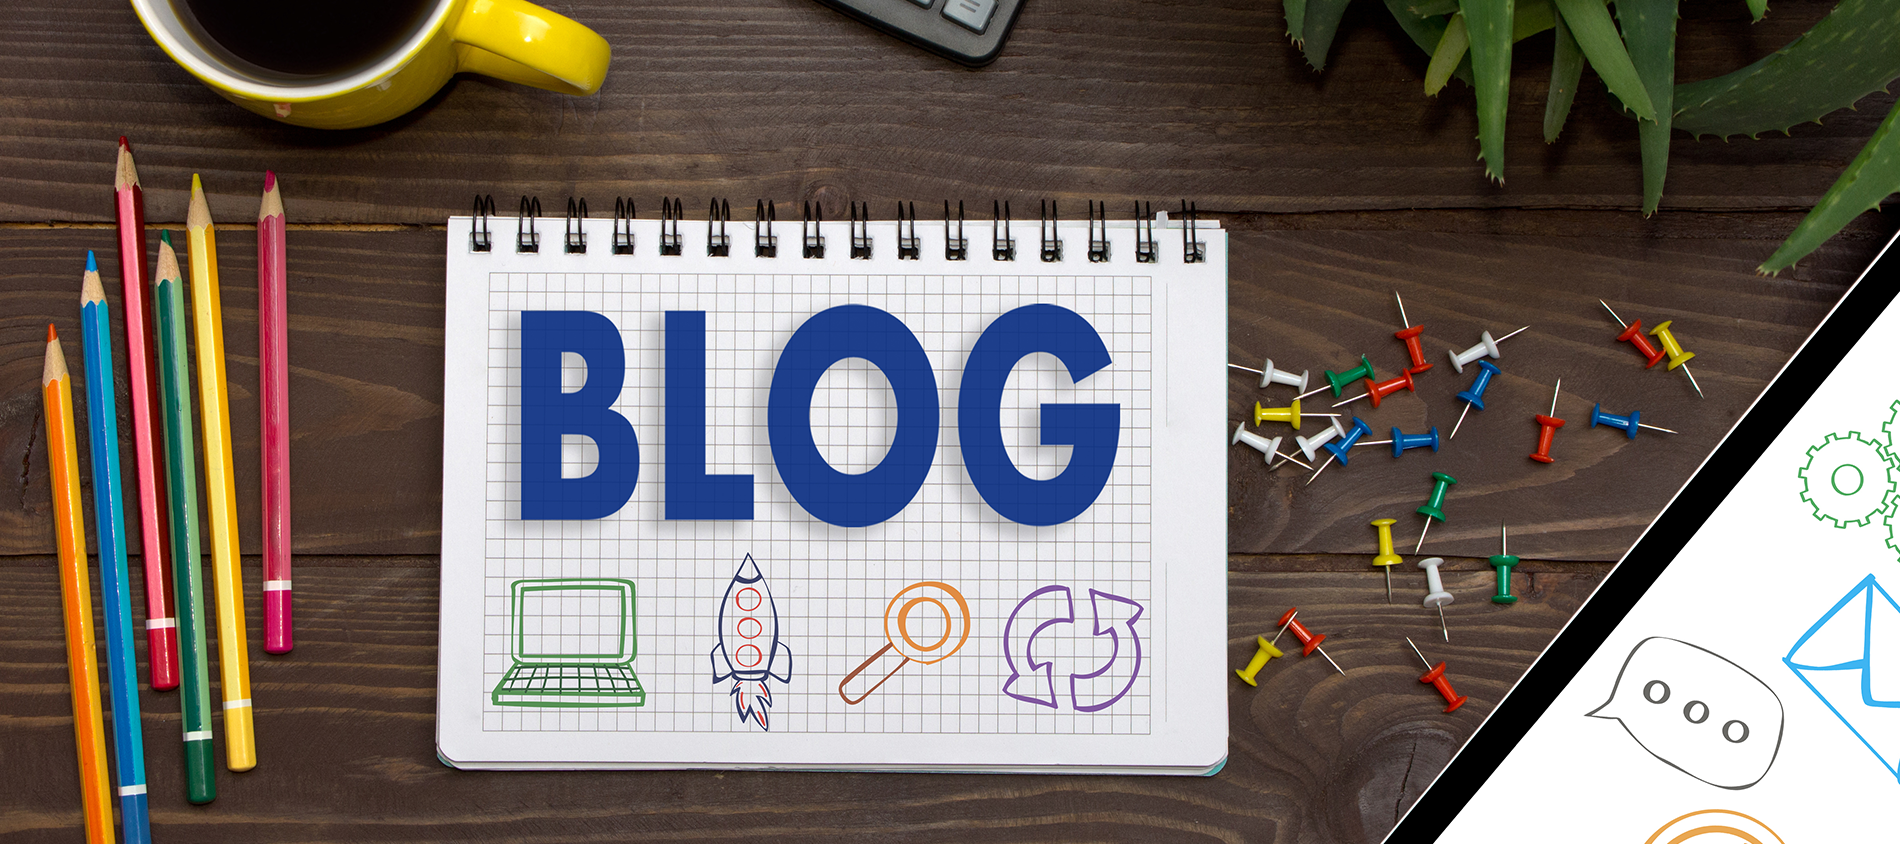 ¿Cómo puedo convertir las visitas de mi blog en clientes potenciales?